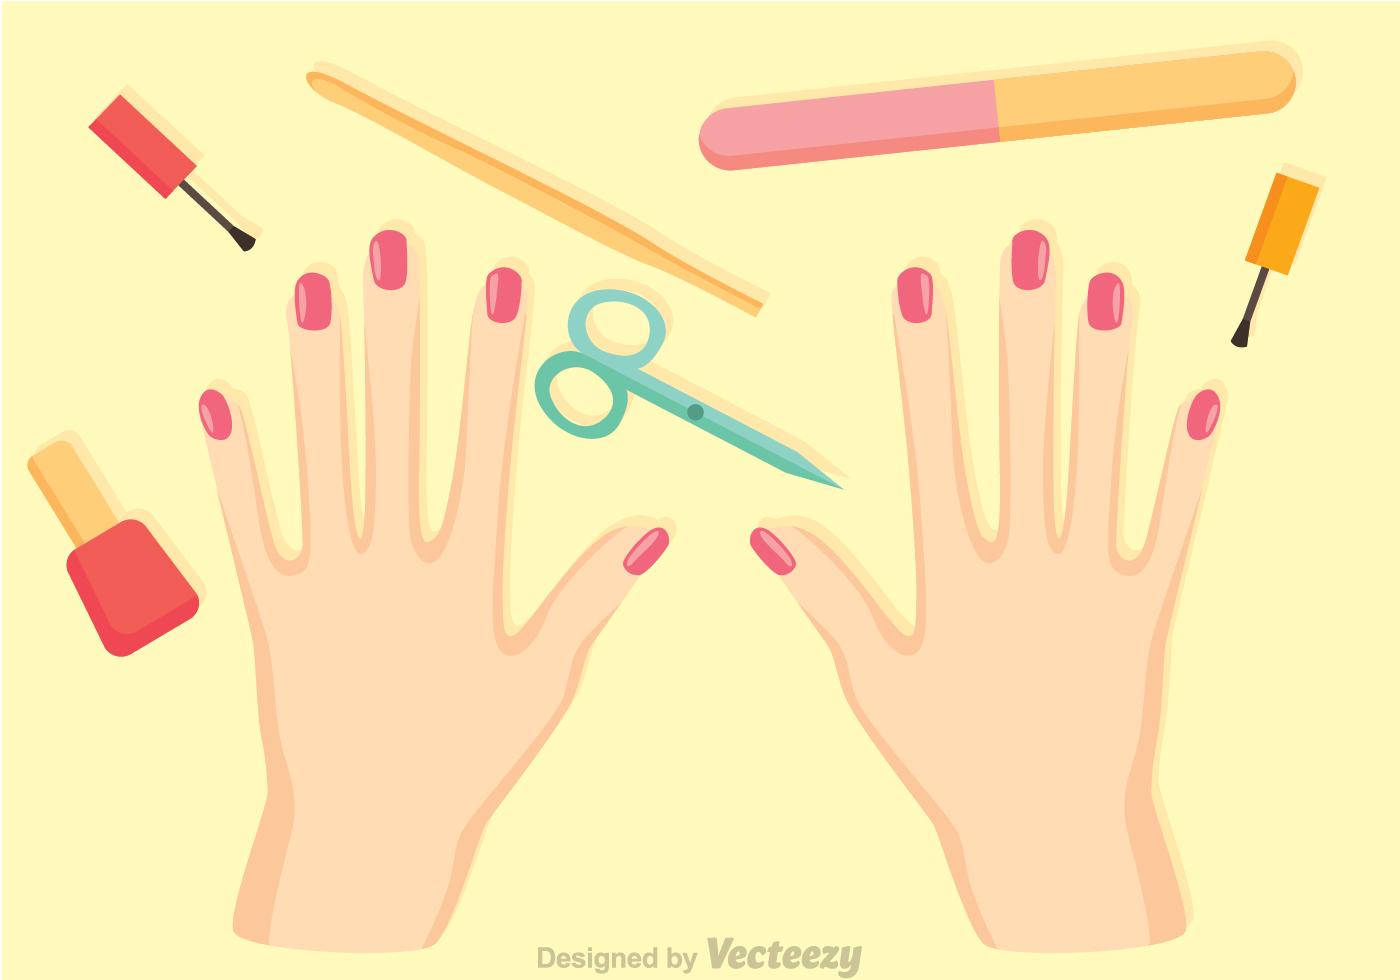 Manicure Procedure Vector - Download Free Vector Art ...